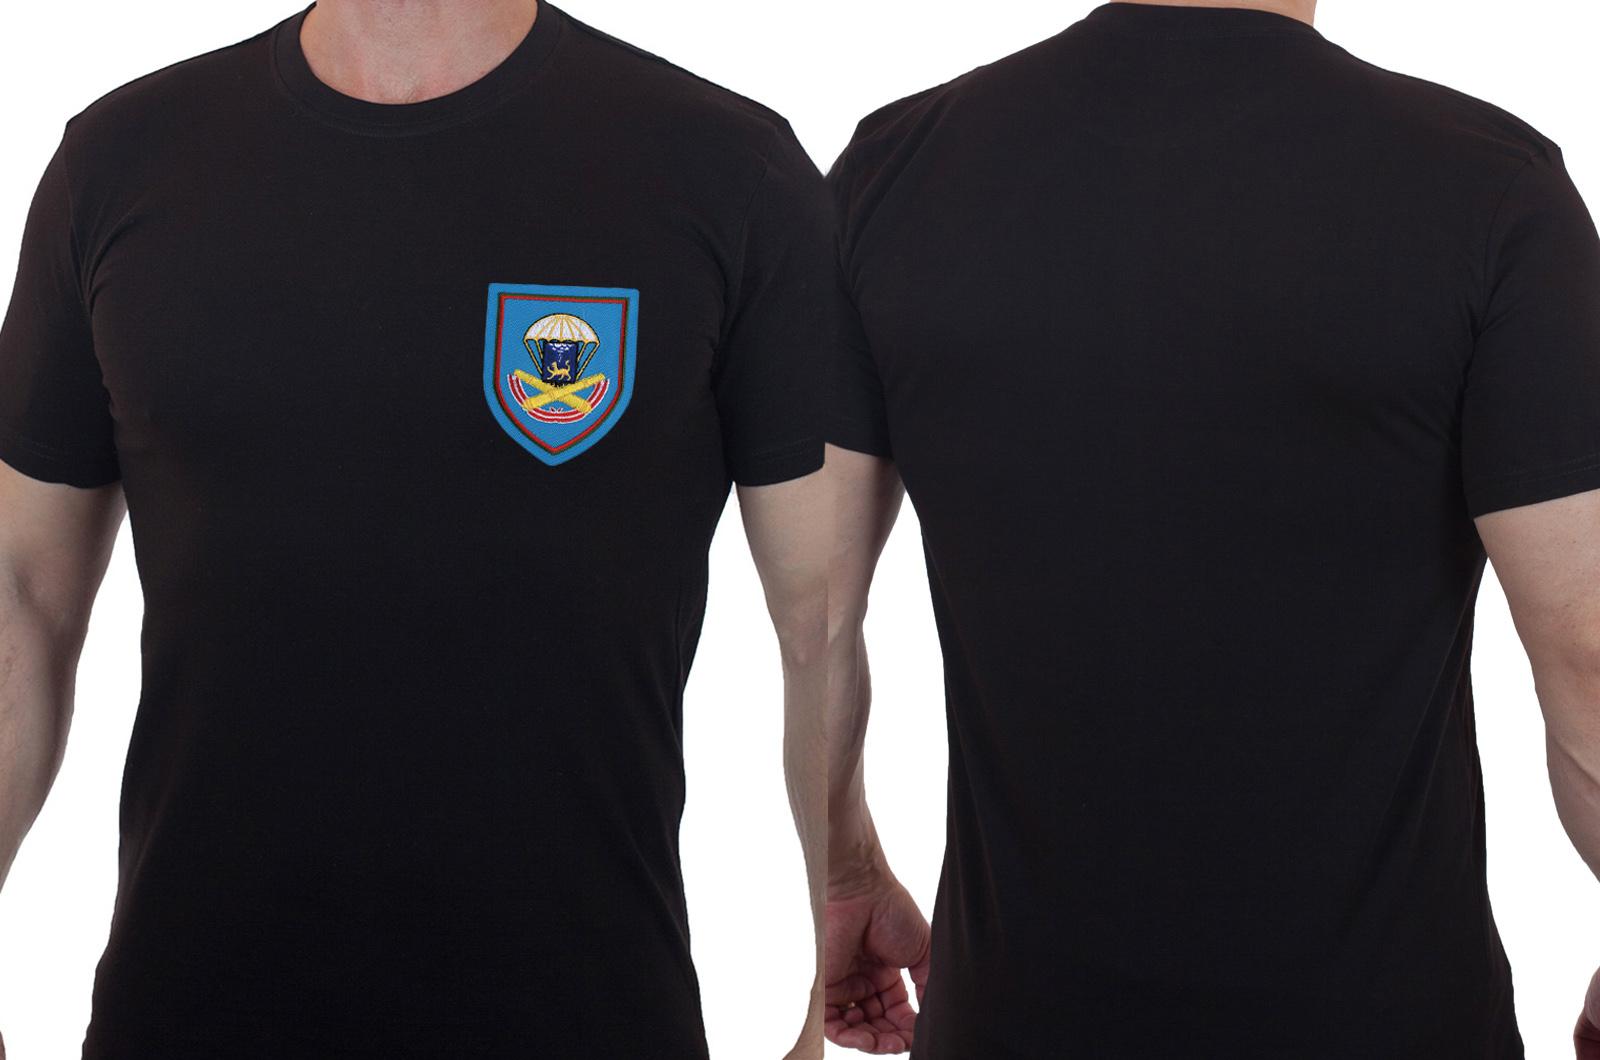 Мужская военная футболка с вышитым знаком ВДВ 1140 Артполк 76-й гв. ДШД - купить с доставкой